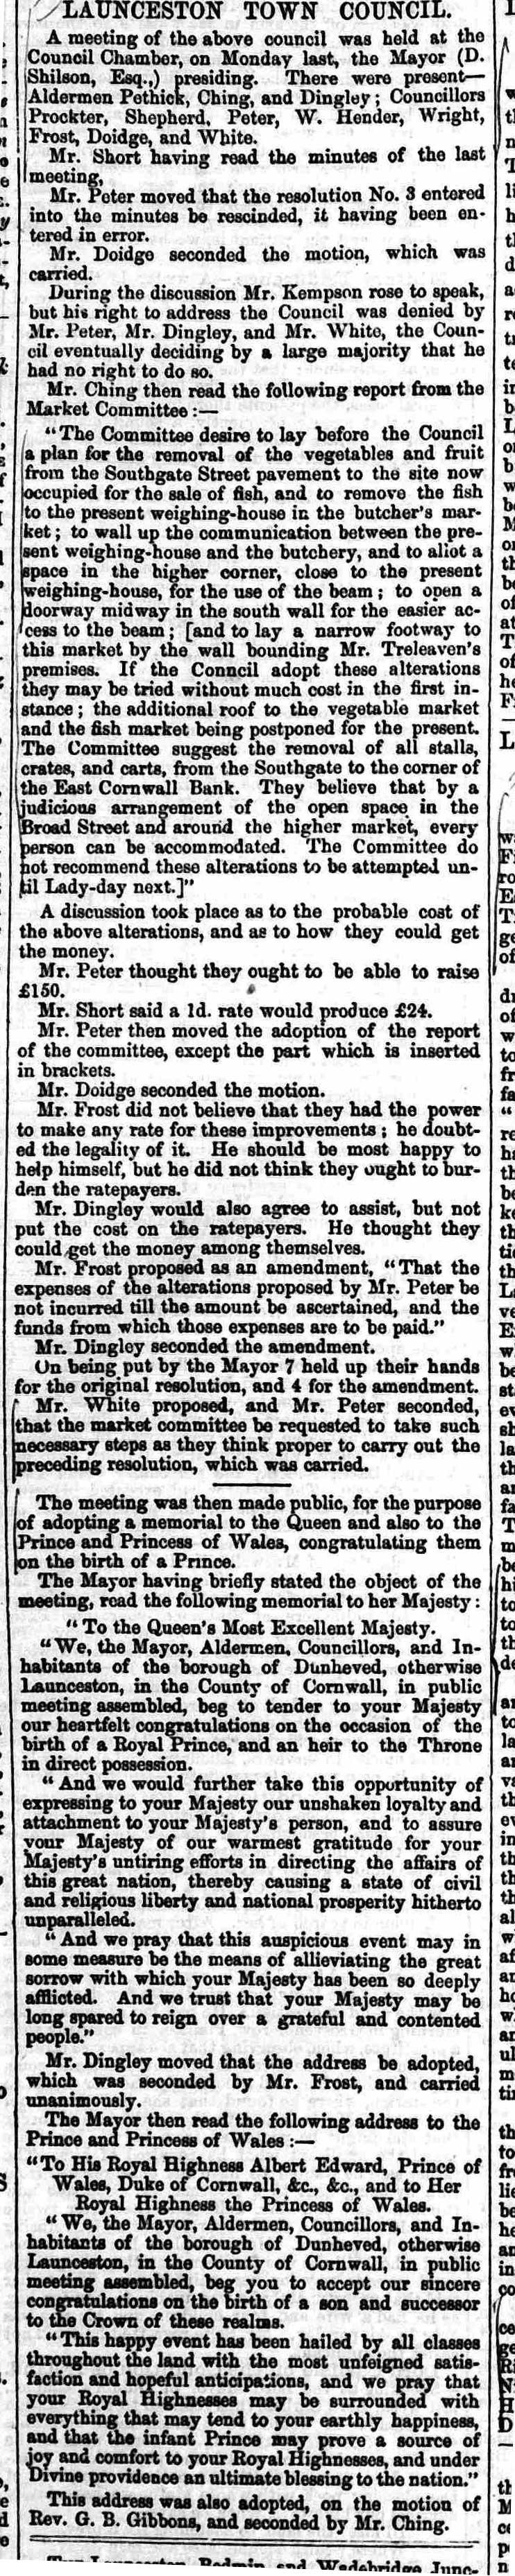 13 February 1864